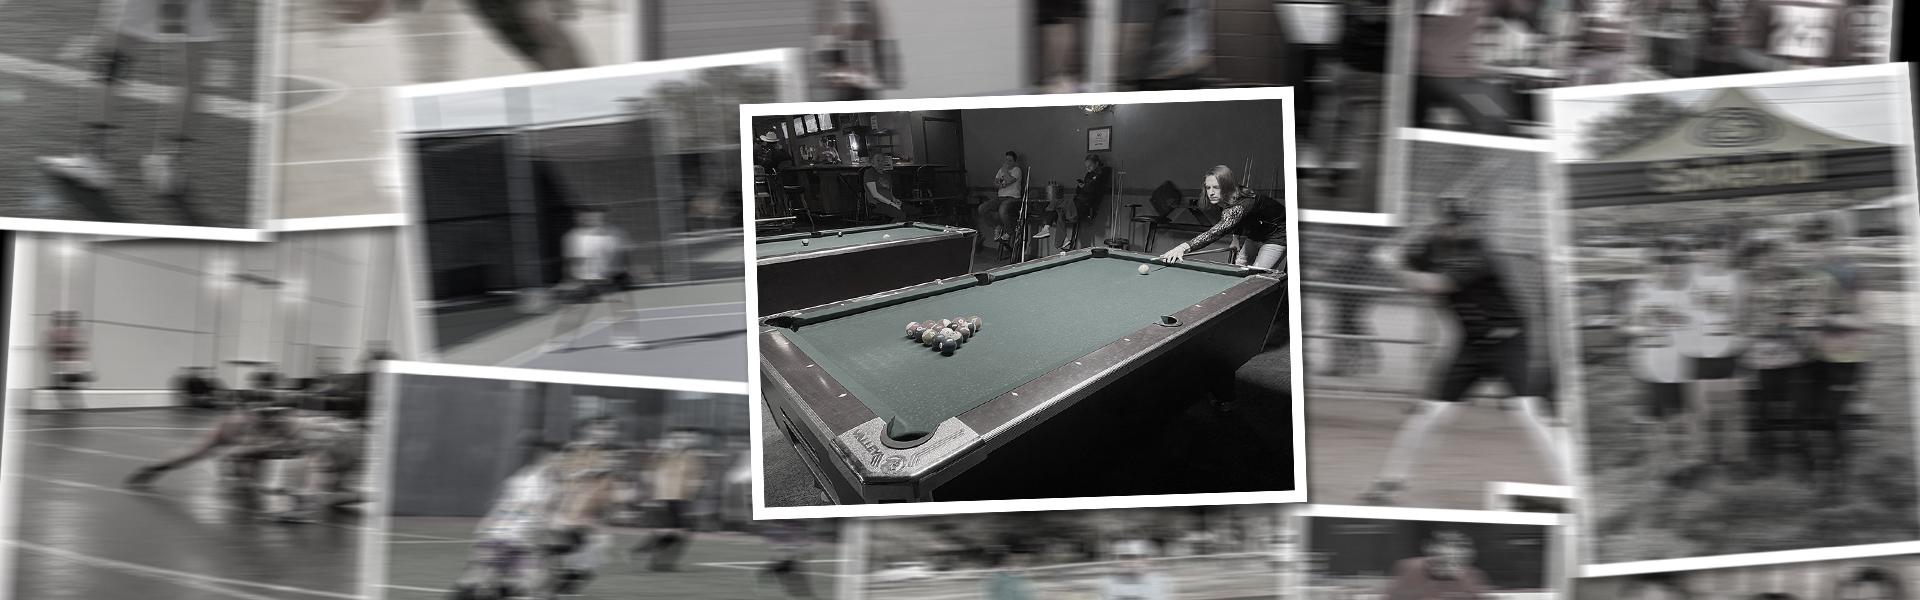 Billiards - 2022